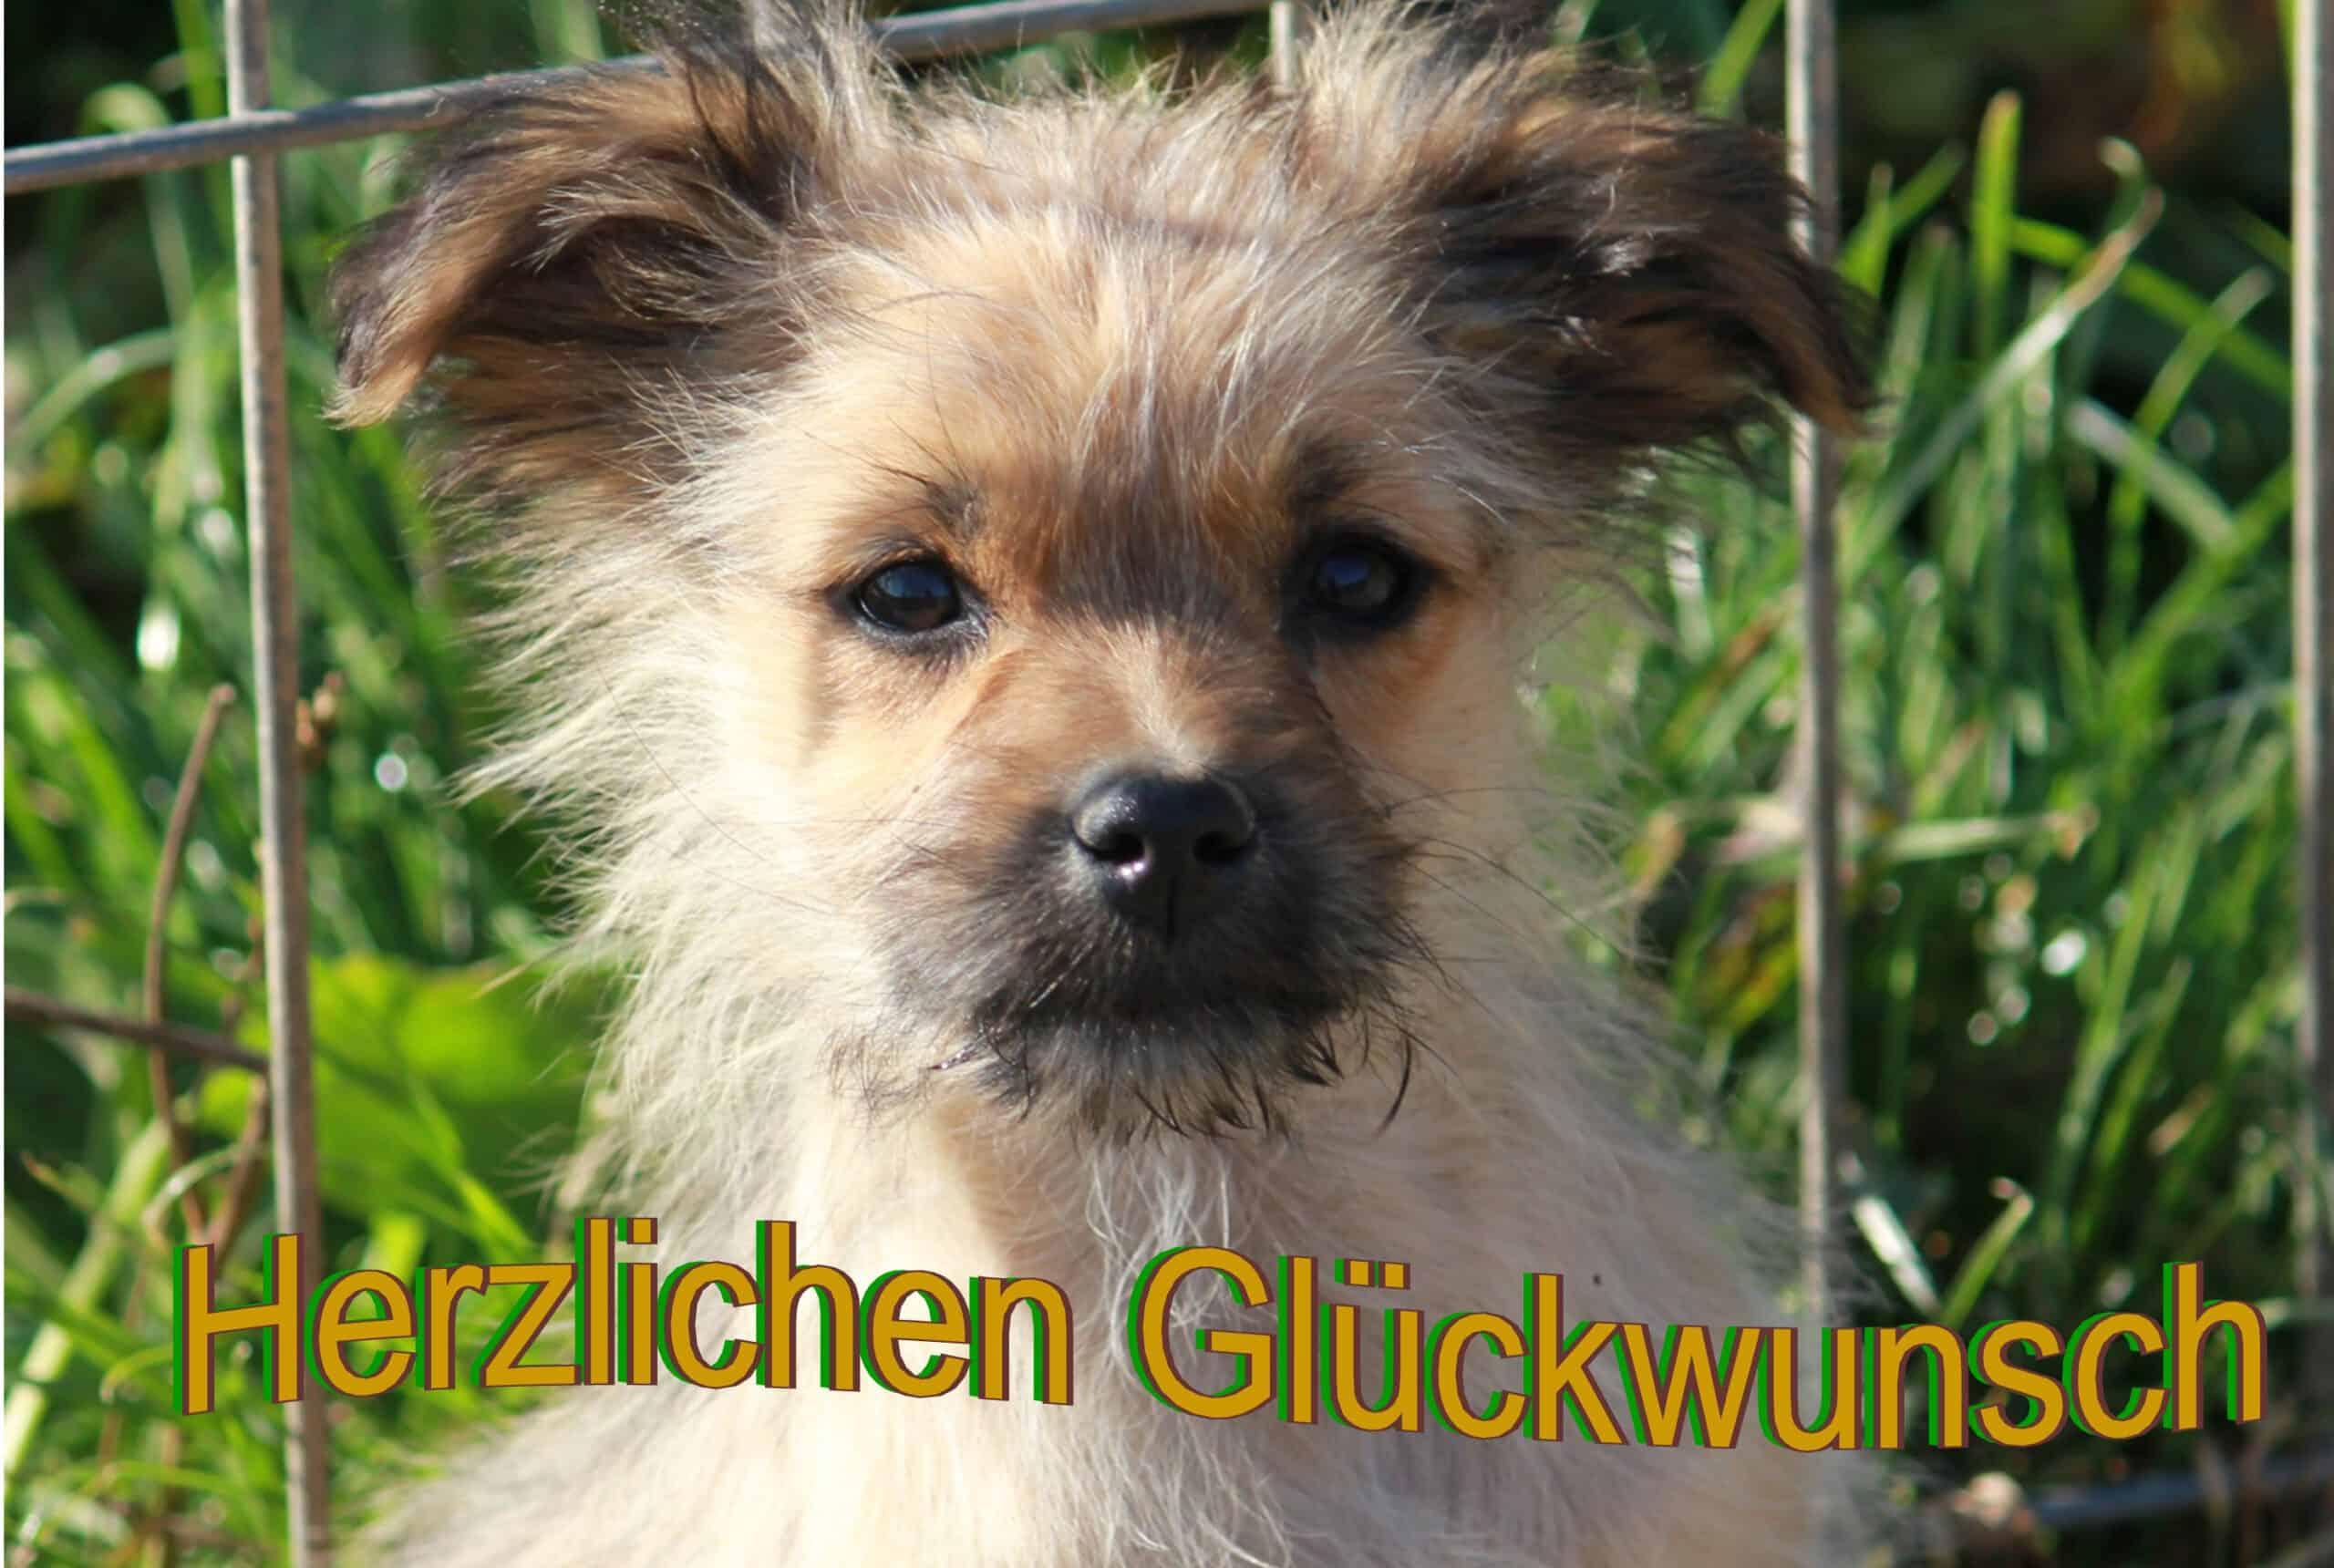 29 Herzlichen Glückwunsch Birgit Heinze